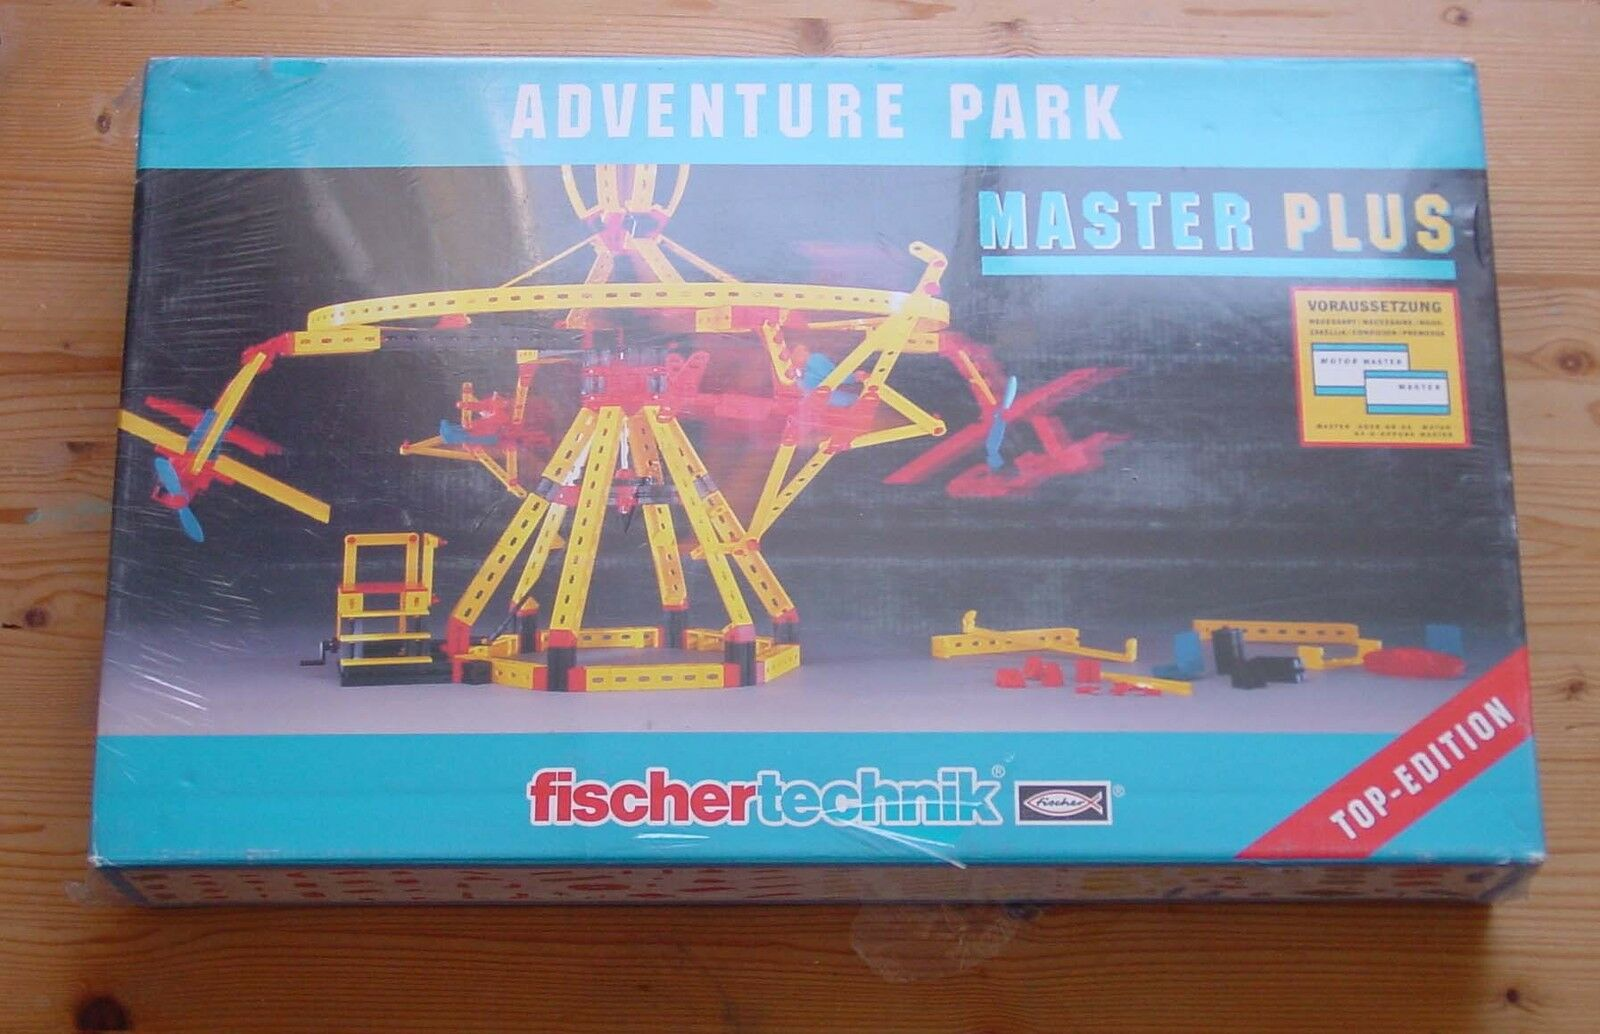 Fischertechnik - Master Plus Adventure Park -- Unbespielt